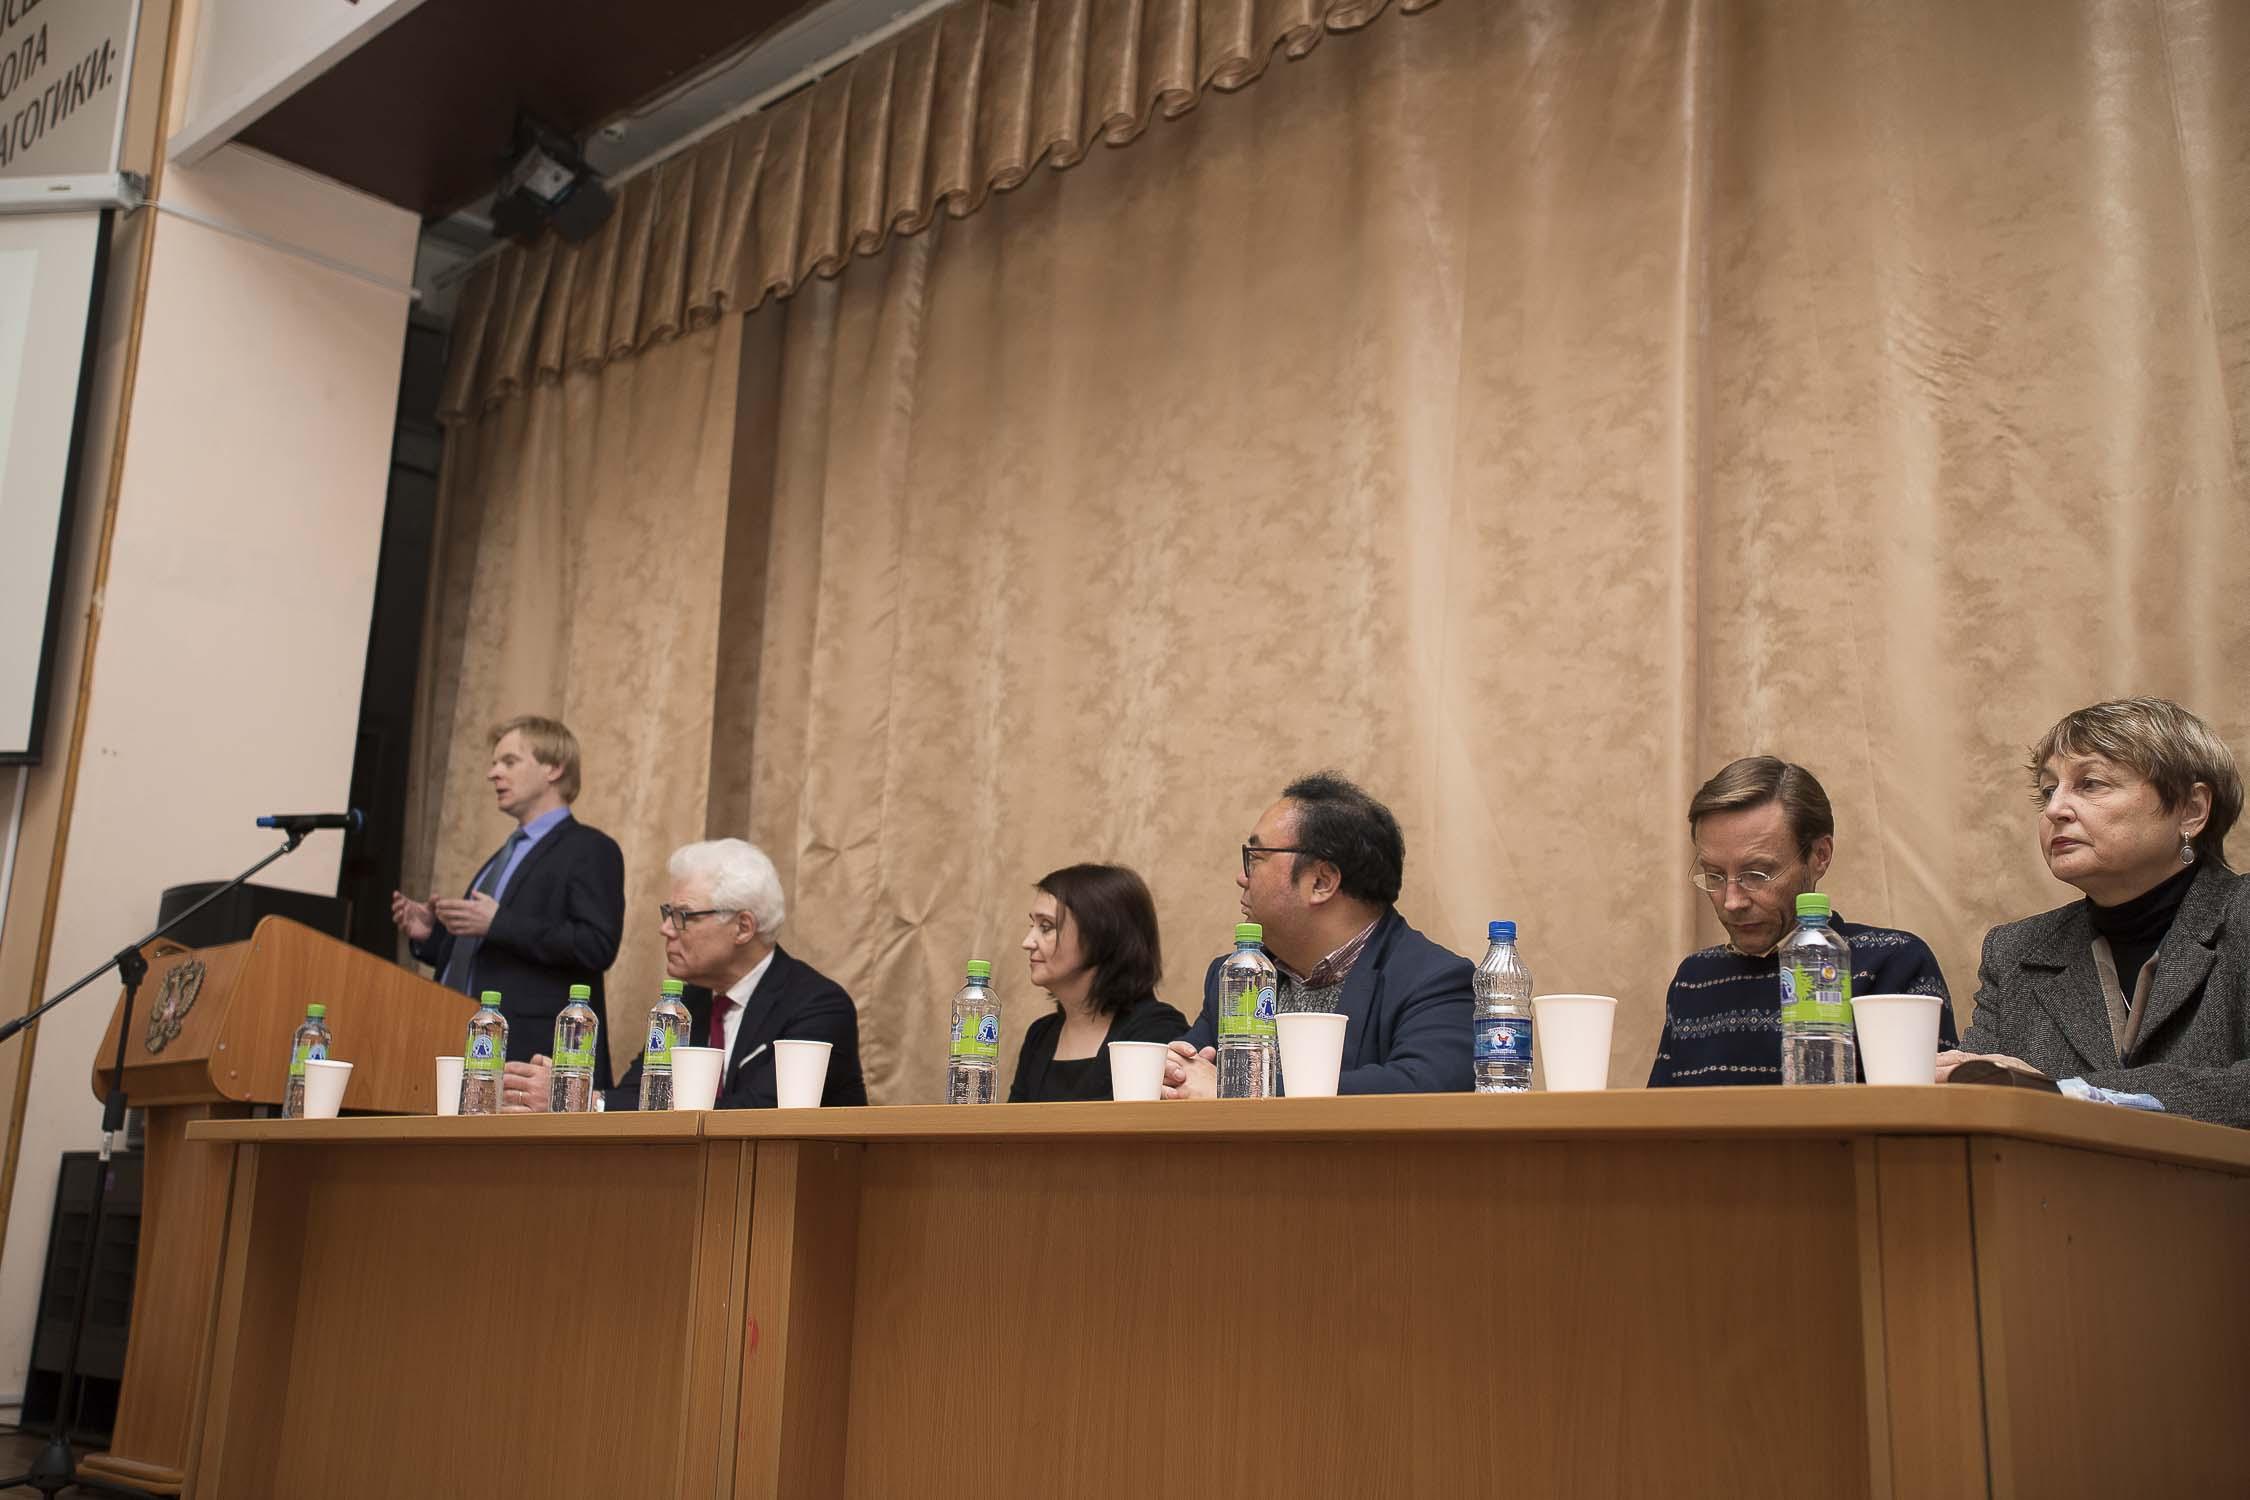 Лингвистические и методические проблемы подготовки учителя иностранного языка обсудят на международной конференции в Мининском университете